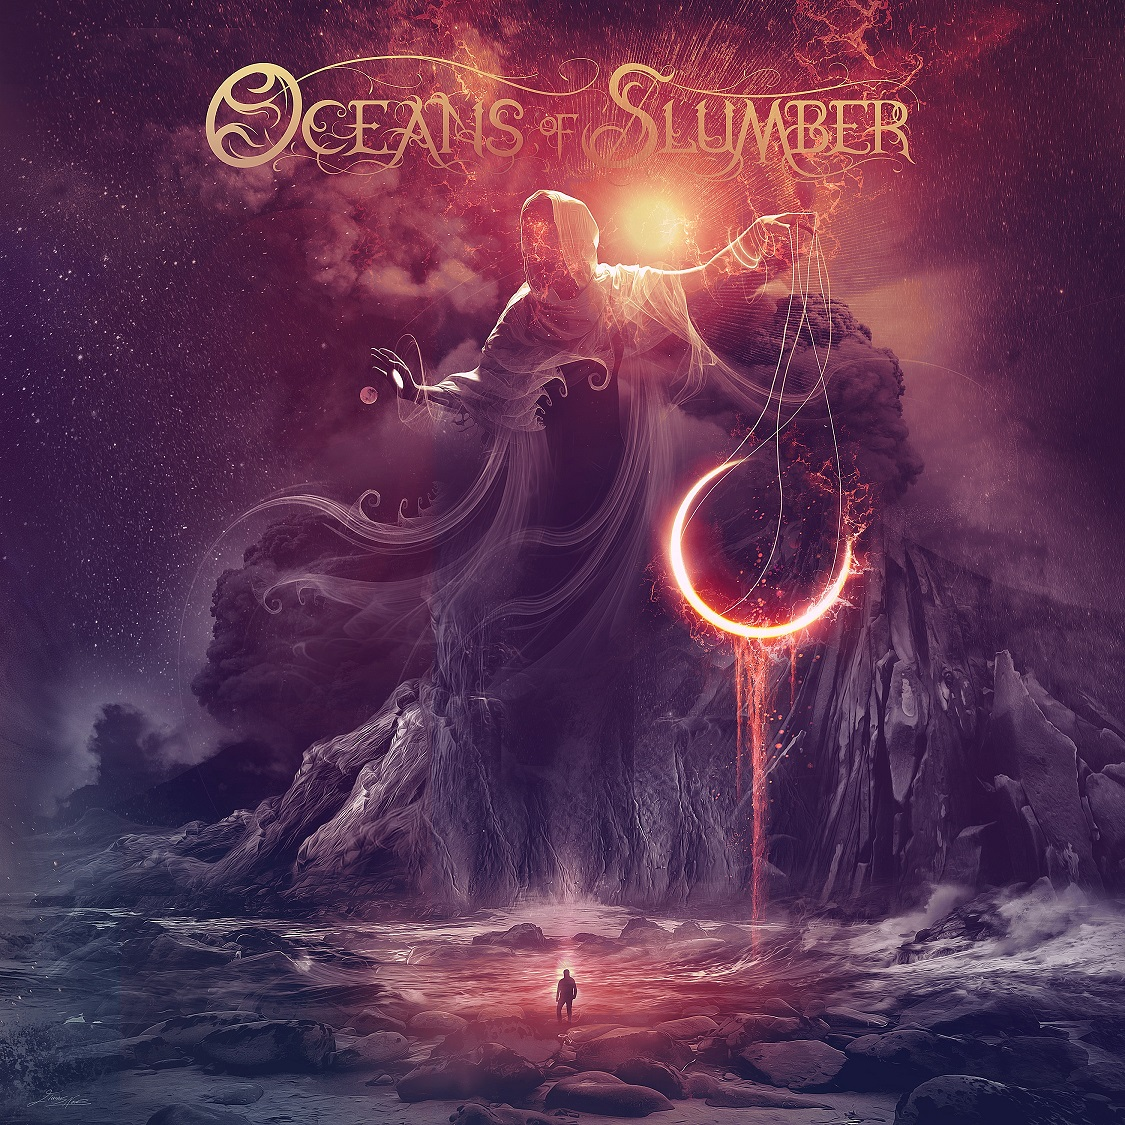 Interview: Oceans of Slumber